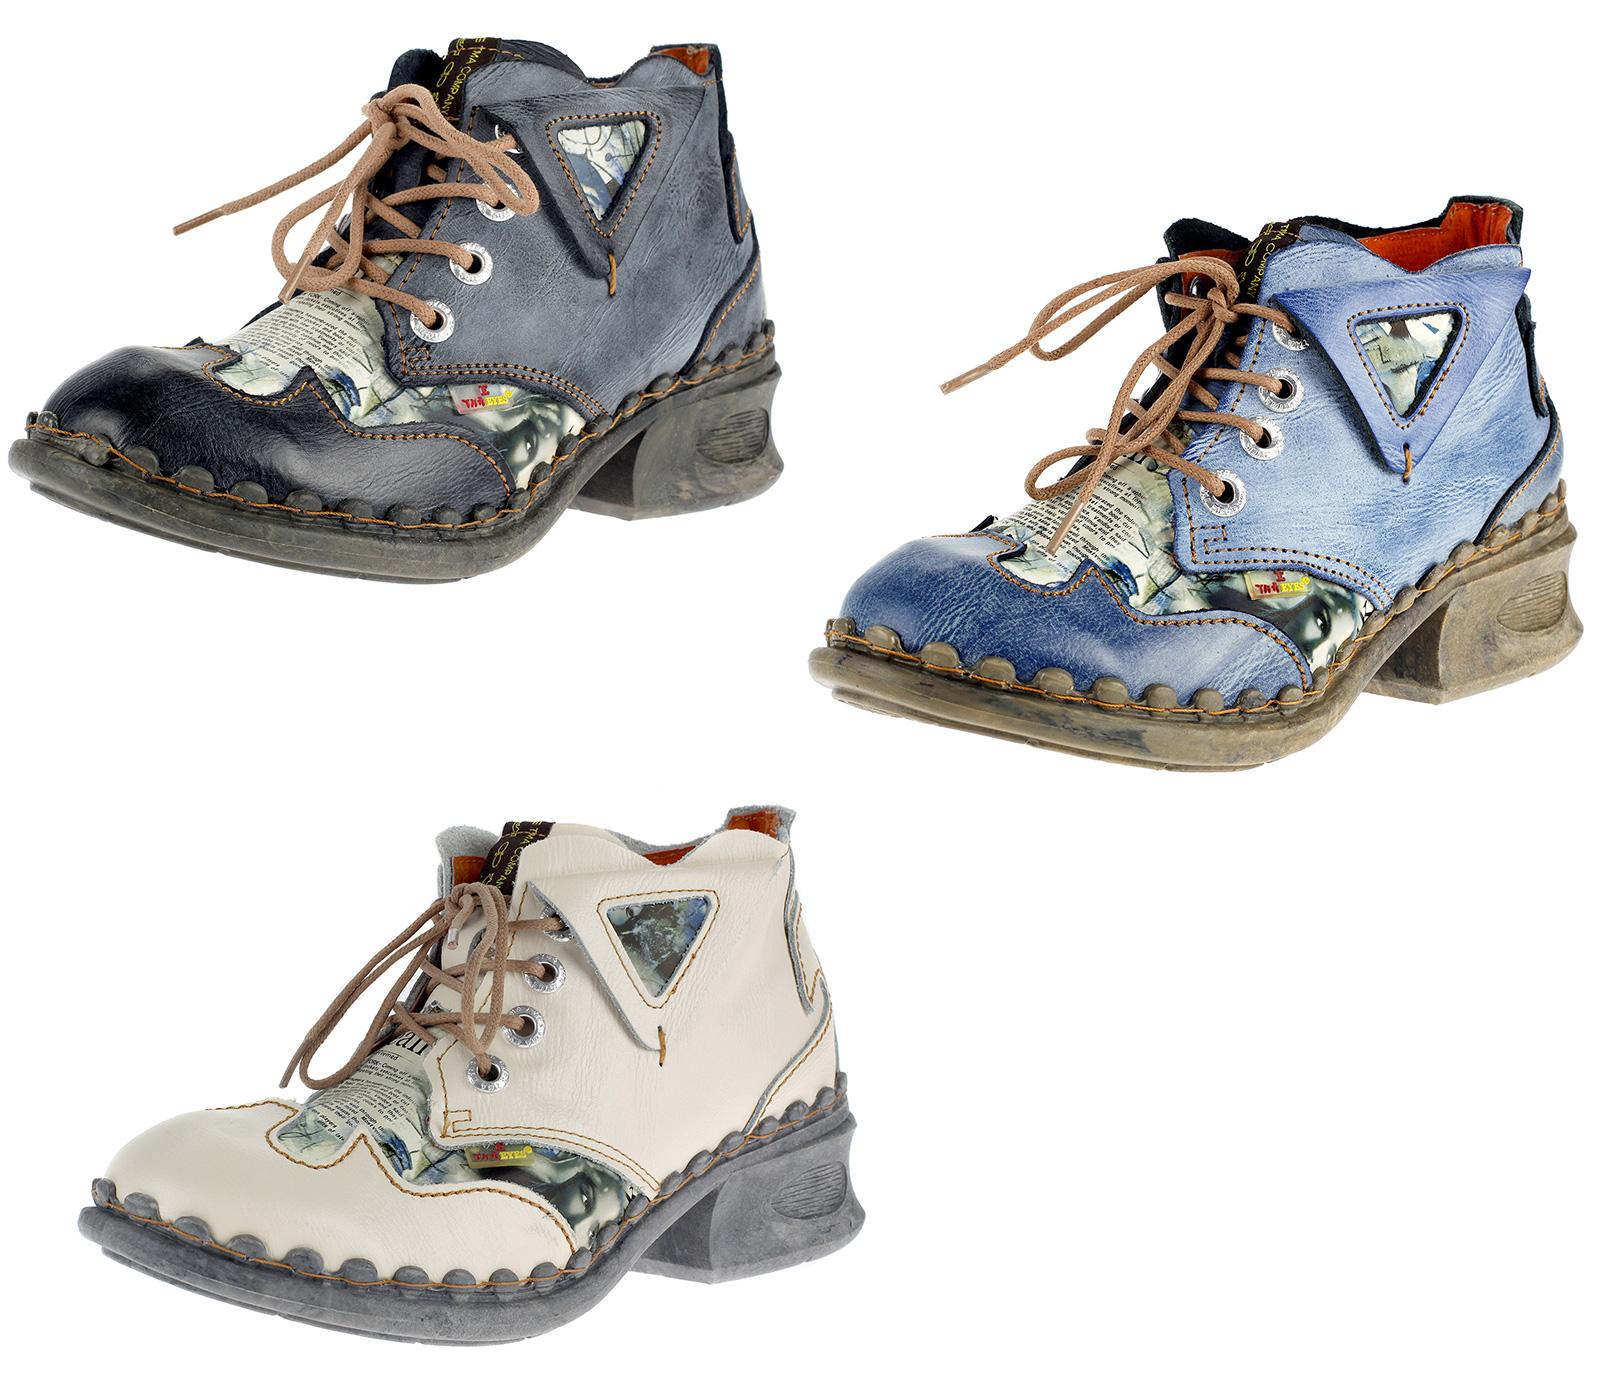 e3dbc3c9405bb4 Die eleganten TMA Stiefeletten wurden aus einer hochwertigen Lederkombi ( Leder